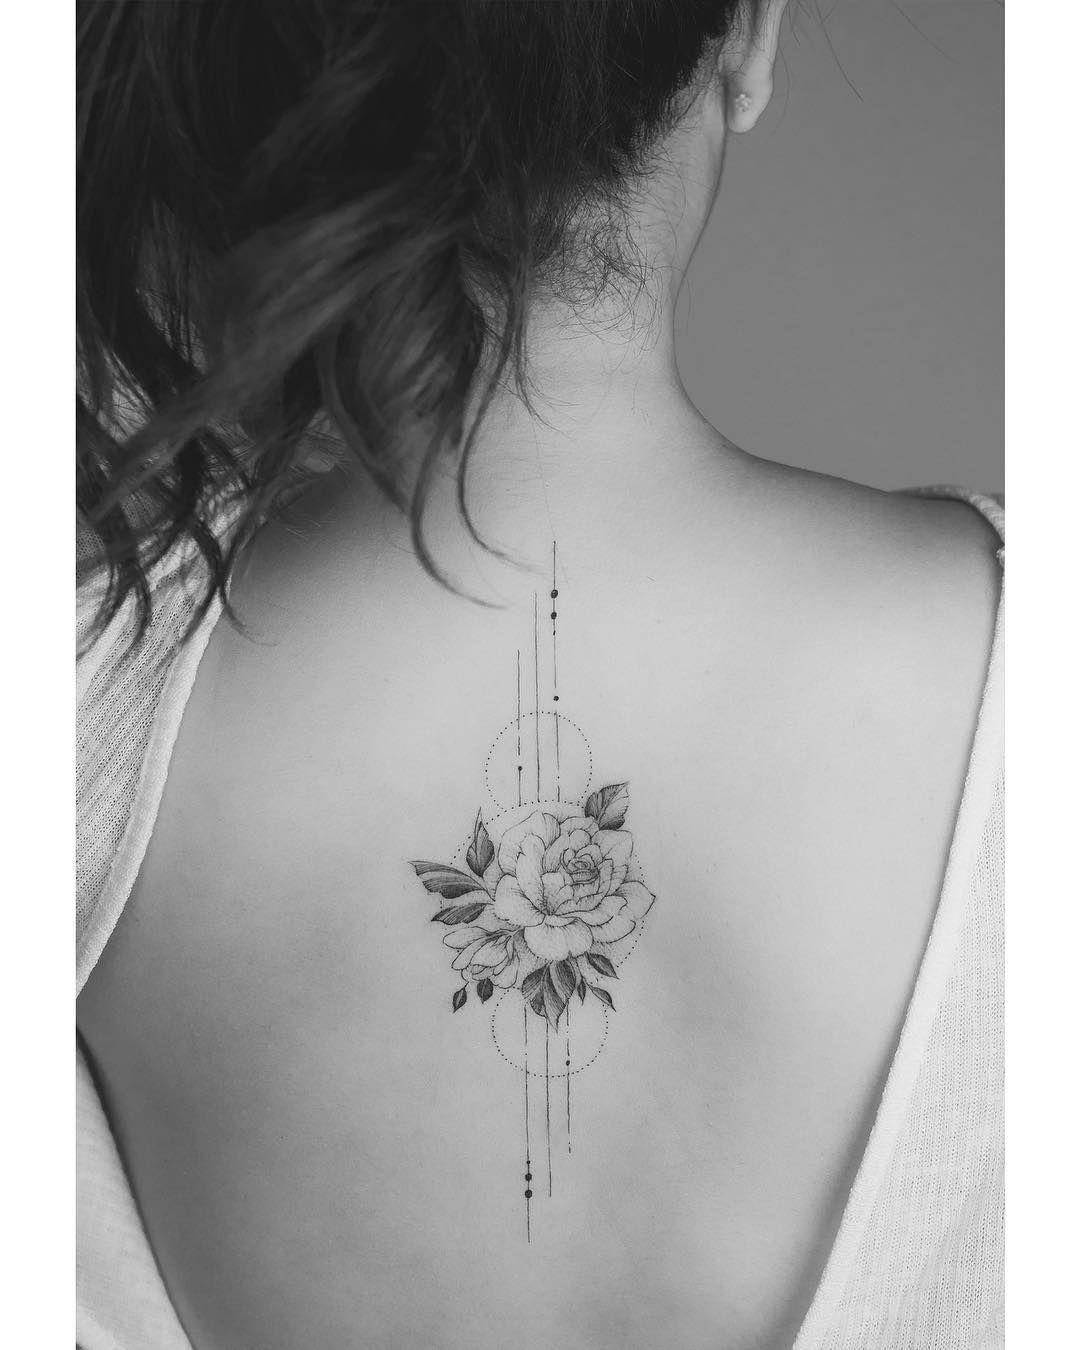 Tatuagem Feminina Costas At Tritoanseventhday тату Tatuagem